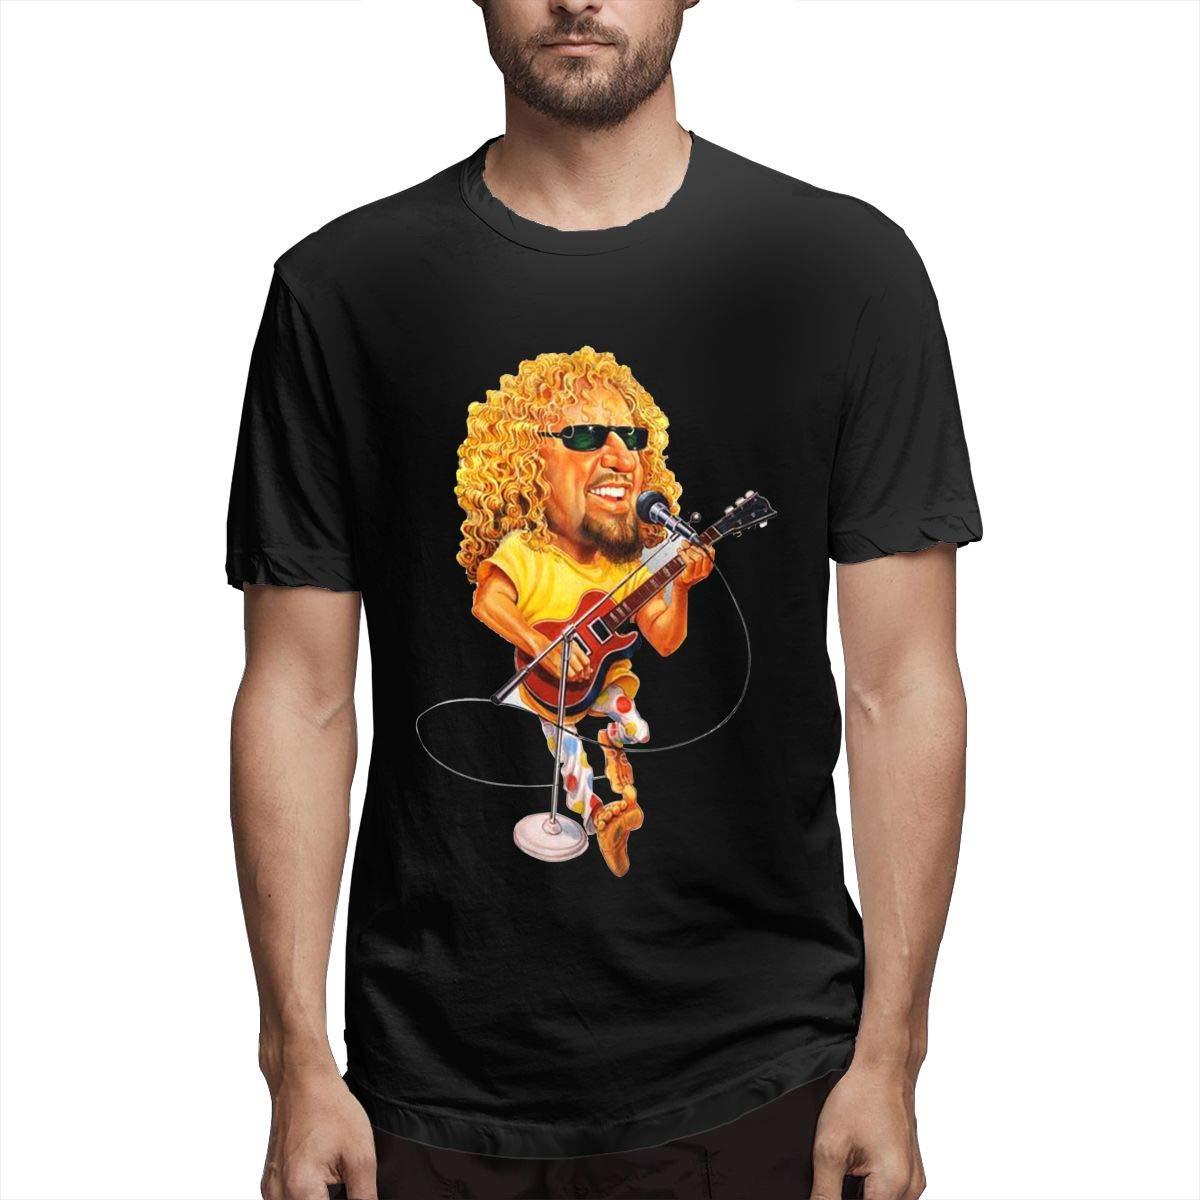 Troom Hagar Sammy Vanhalen Top Shirt Black